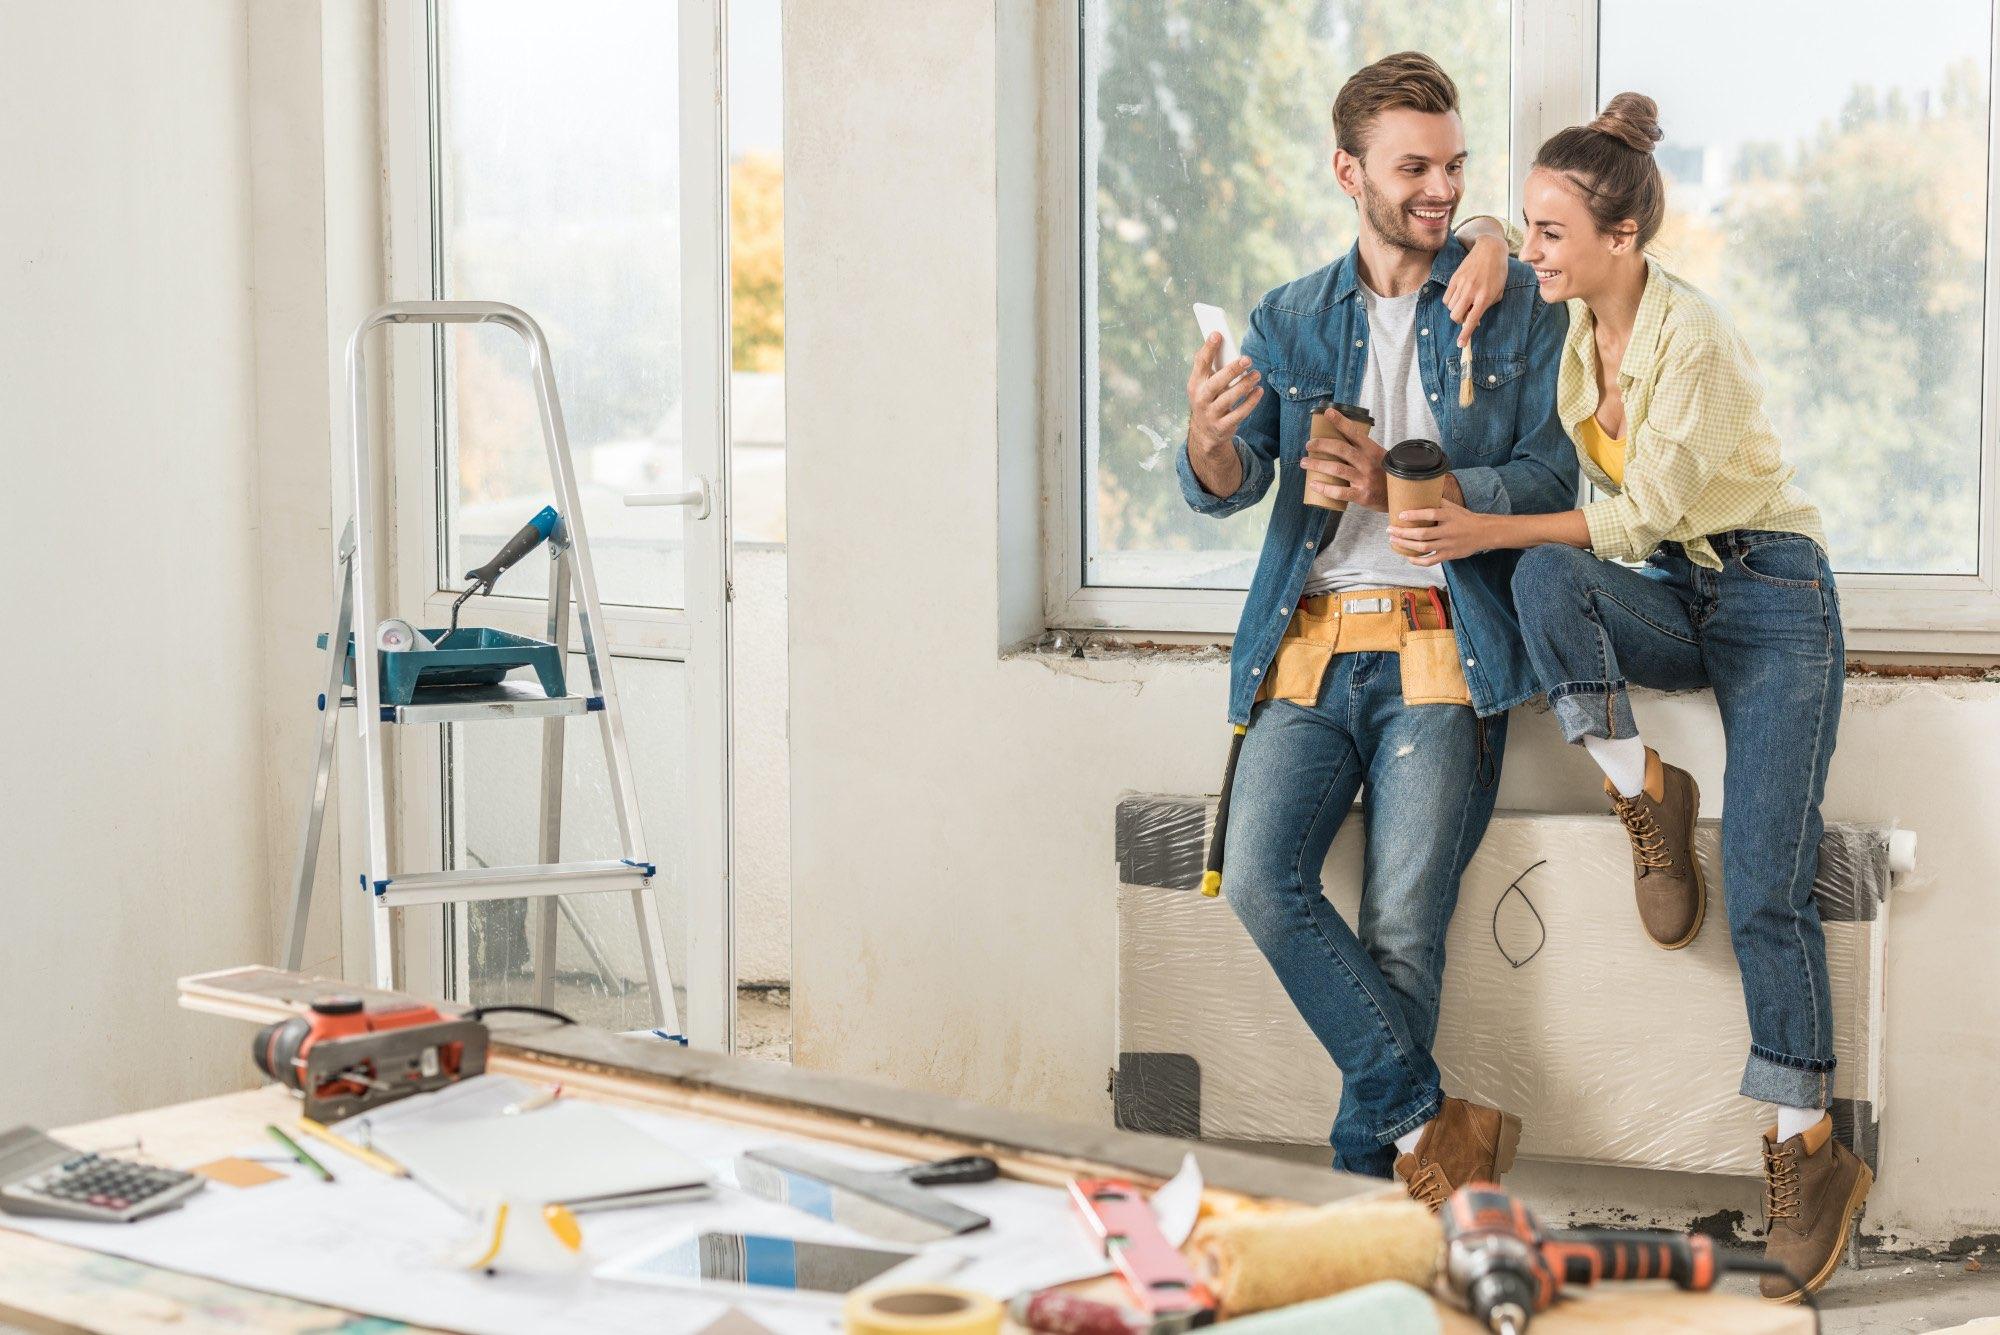 ¿Problemas en casa? Repara de forma sencilla tu hogar durante la cuarentena